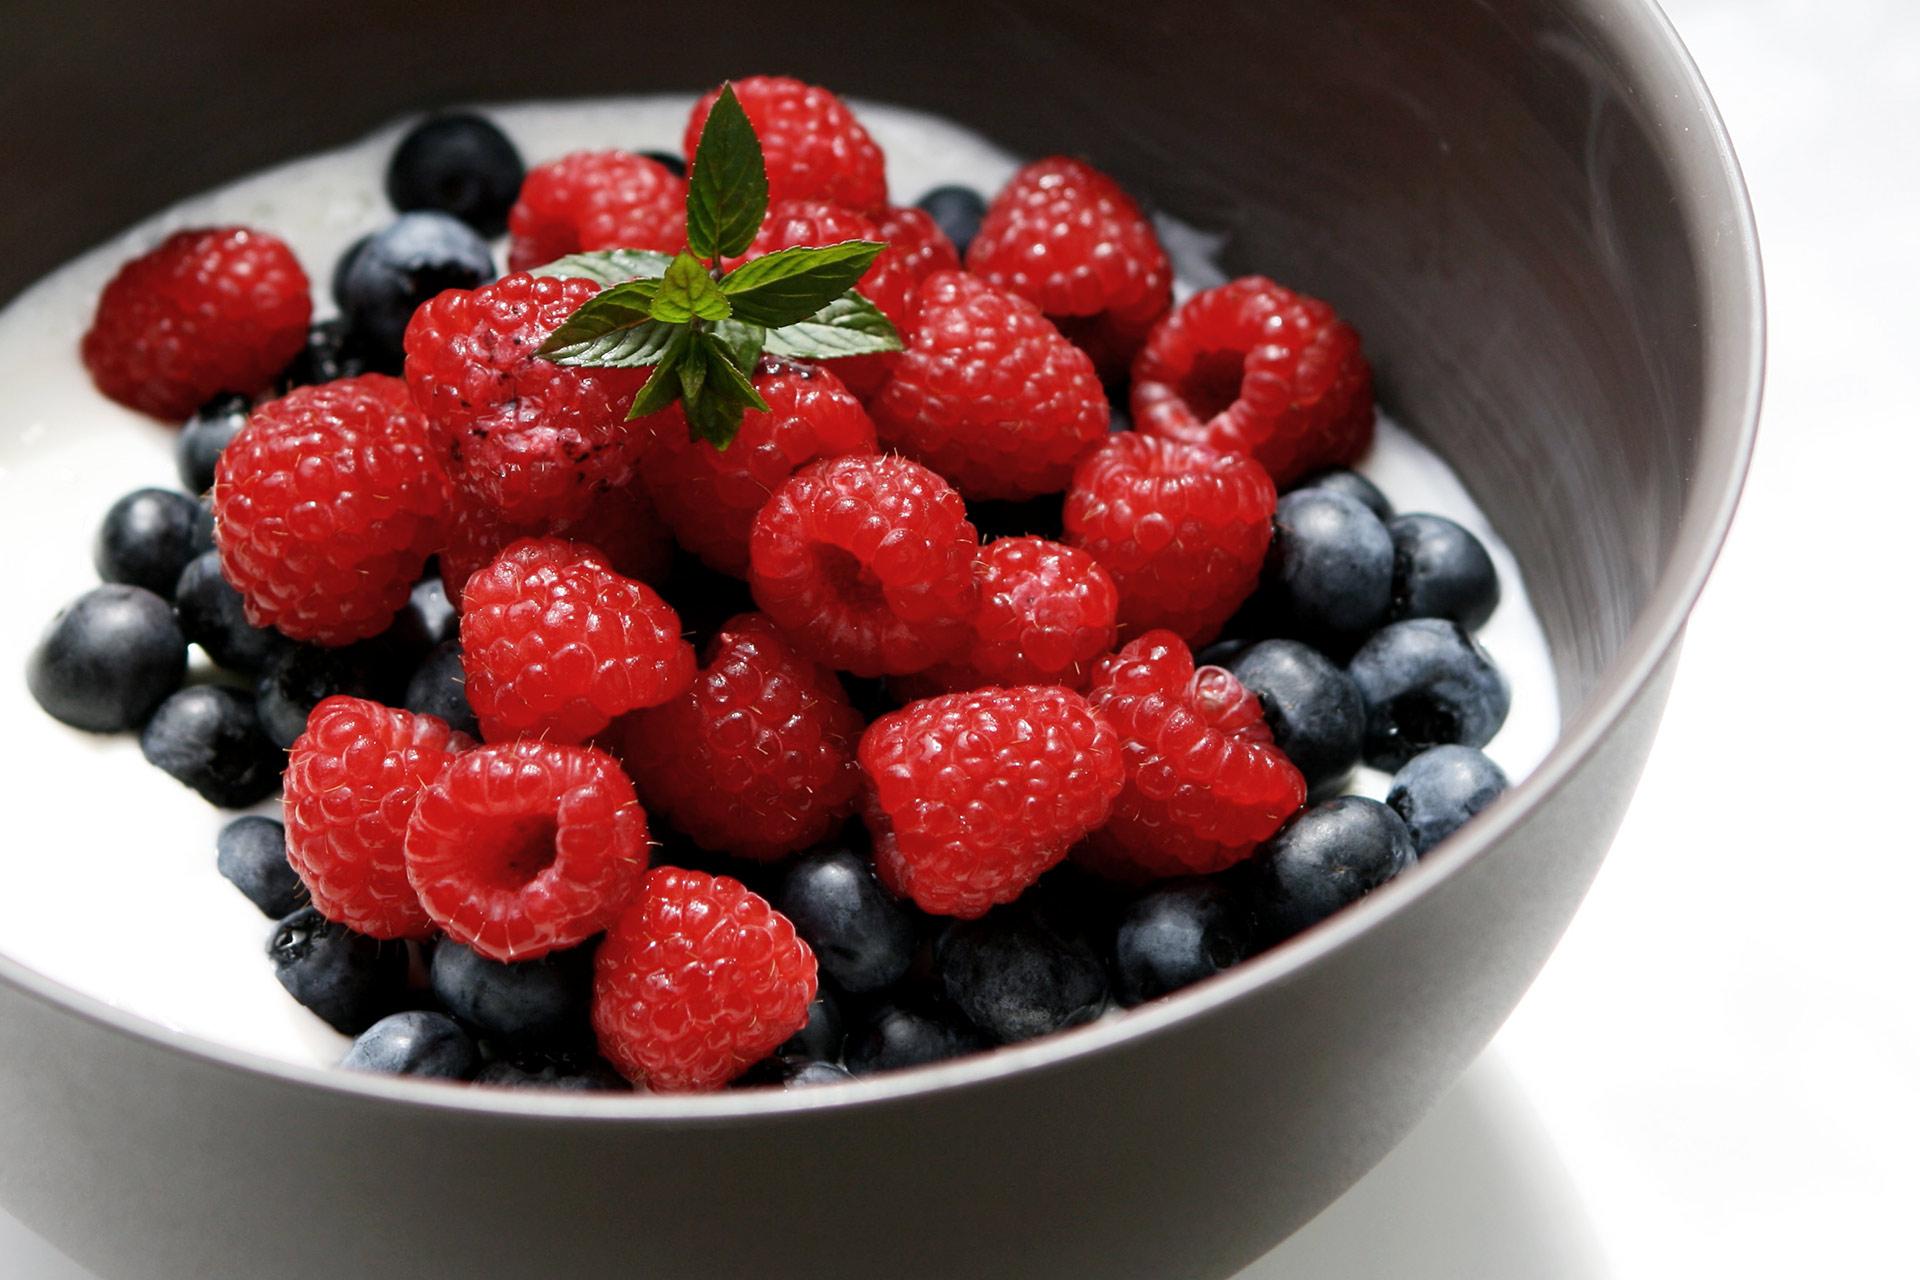 ECHT IS(S)T BESSER! Der Mehrwert natürlicher Nahrungsmittel im Sport: Nahrung für's Gehirn und Muskeln - Quark mit Blaubeeren und Himbeeren